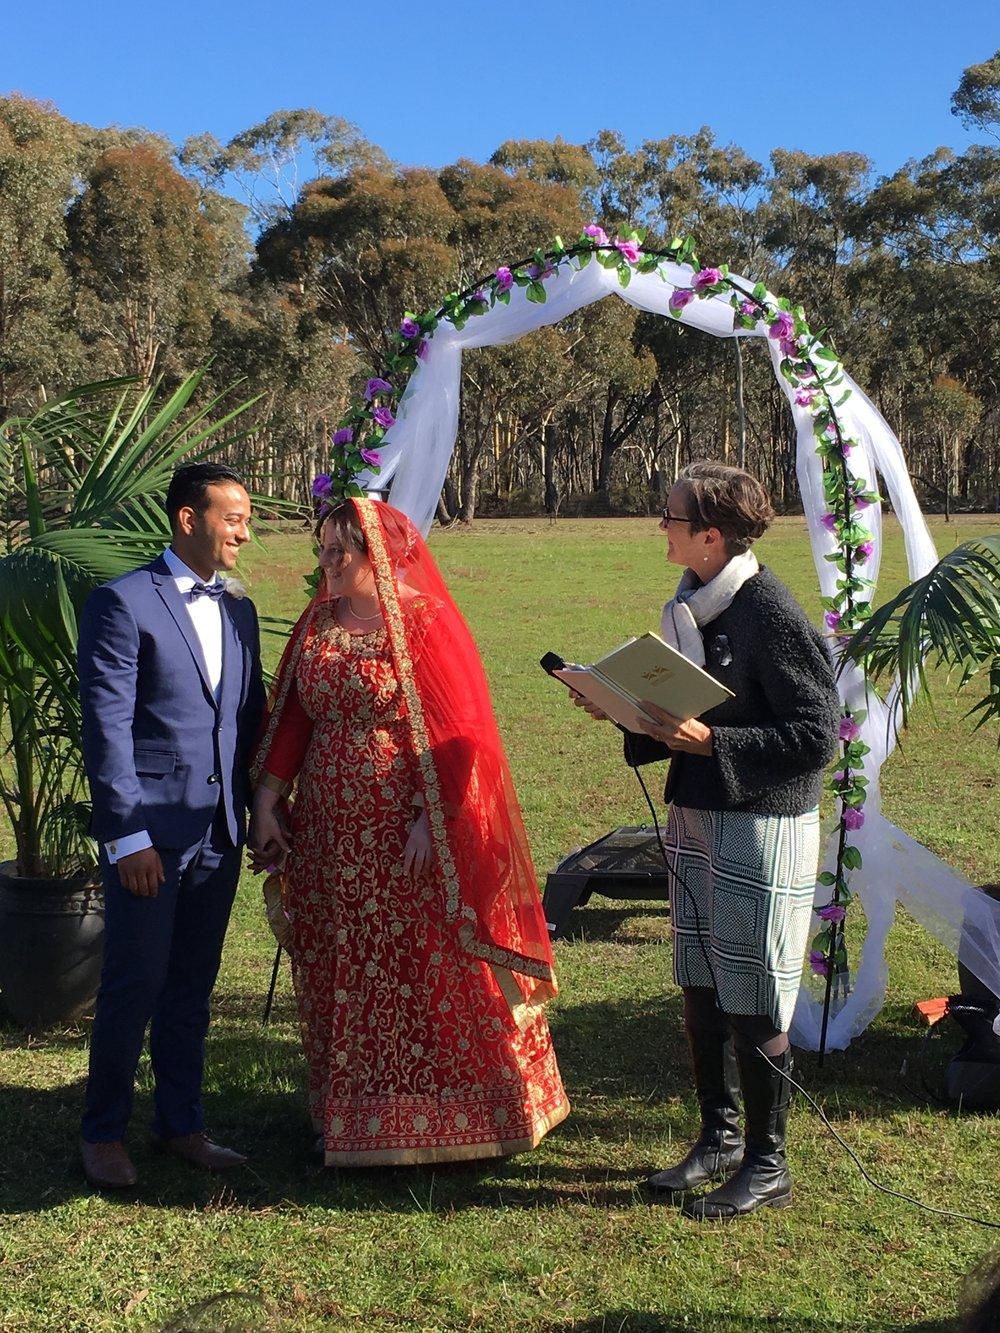 Image: Marthin Nanere, Shelbourne farm wedding